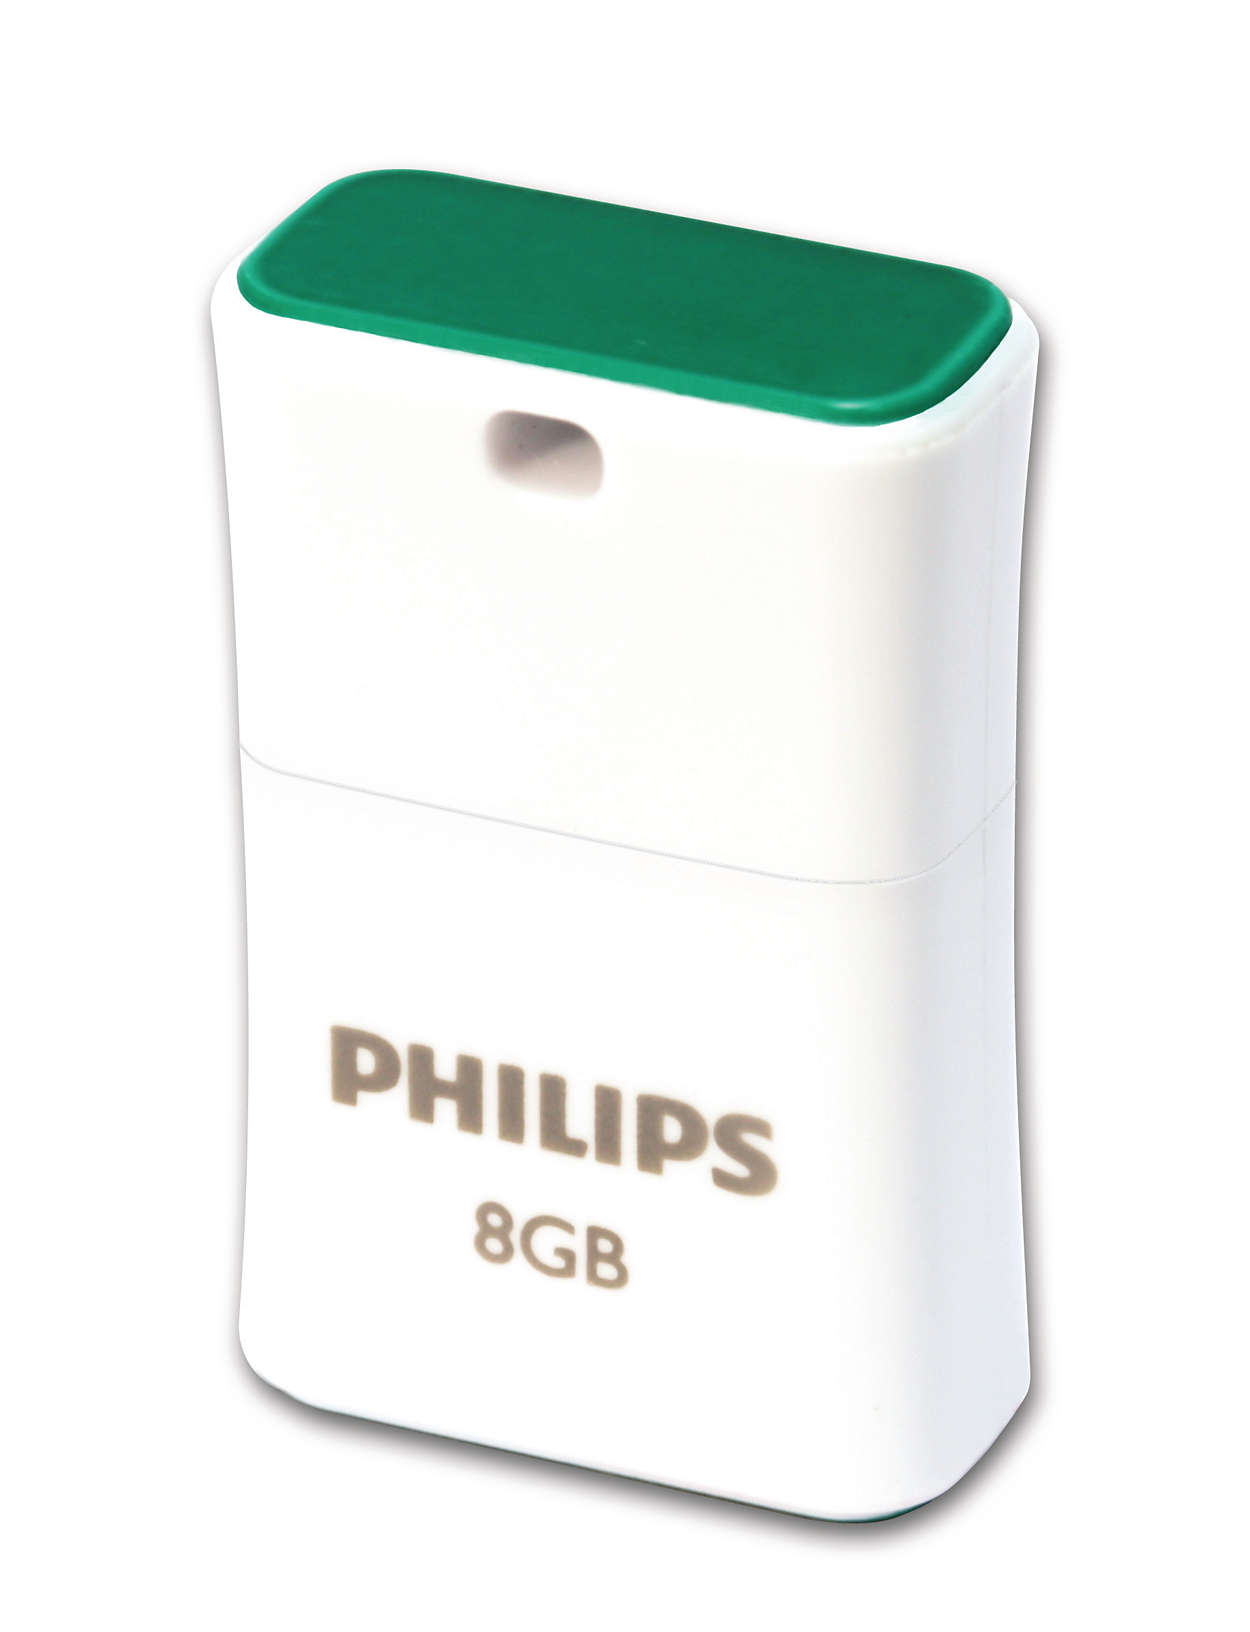 Easy to use, plug and play!